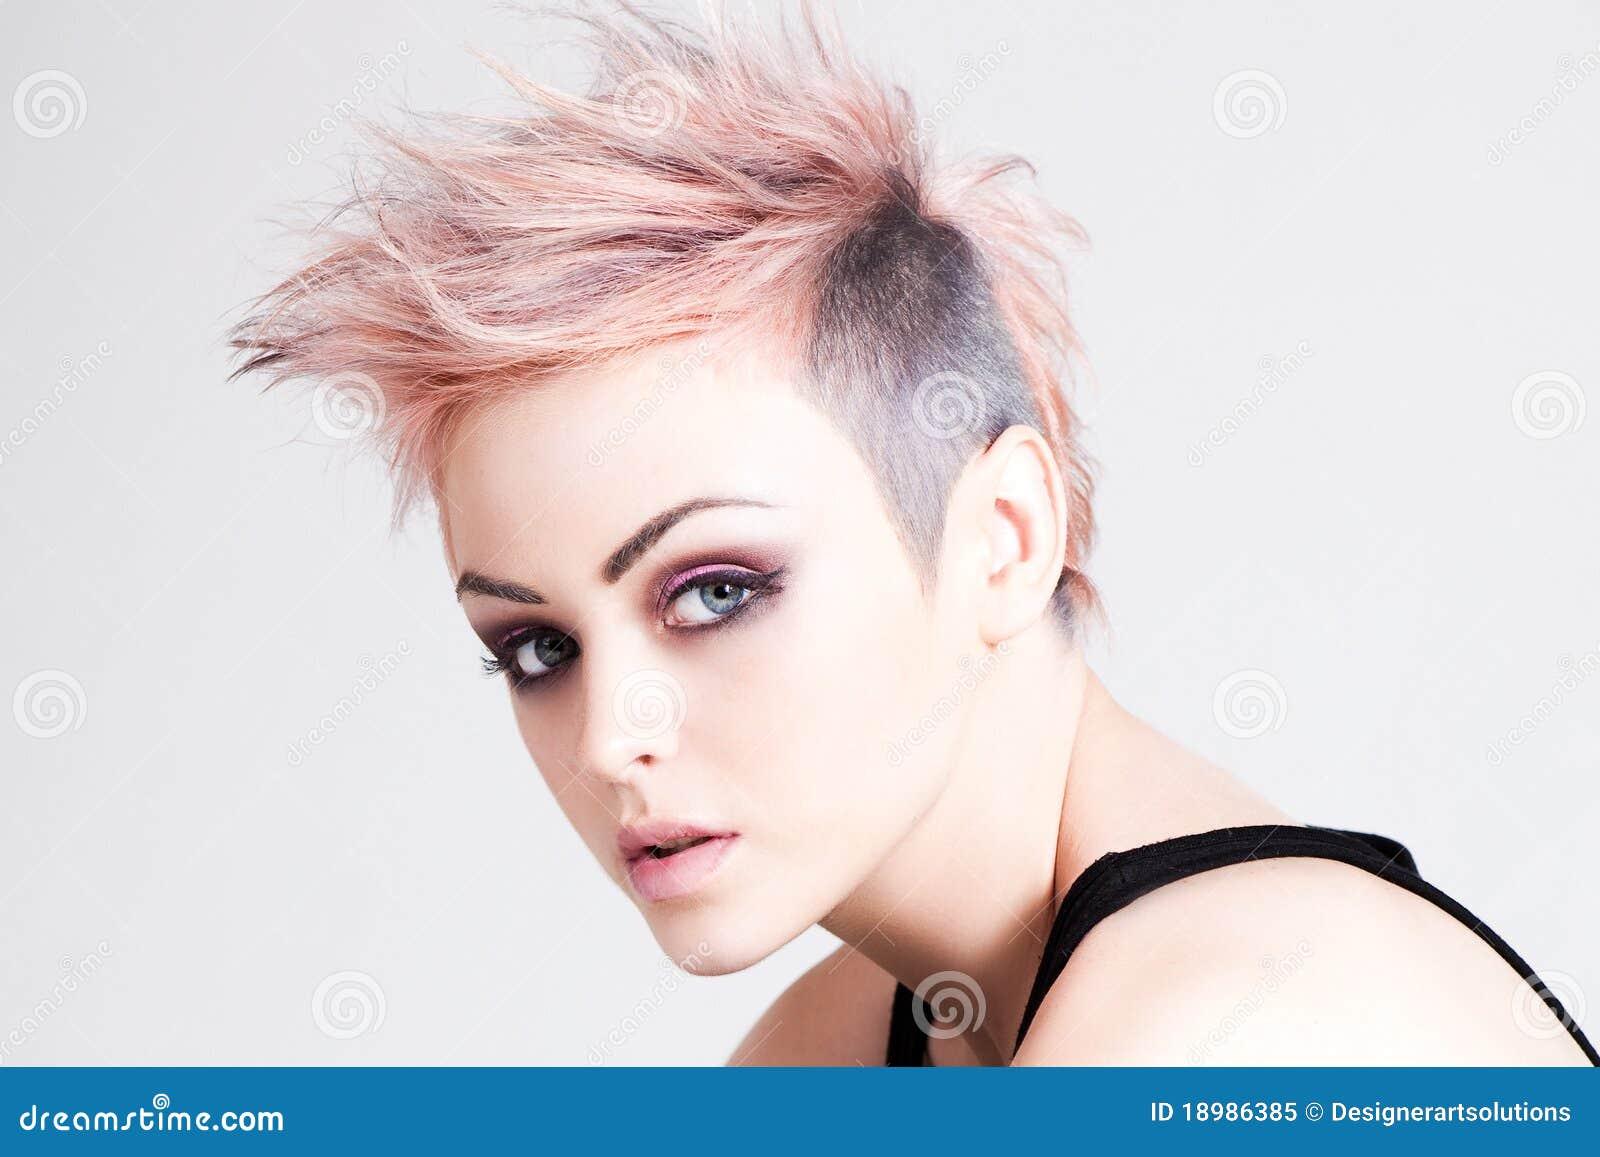 Креативные прически на короткие волосы женские фото с рисунком